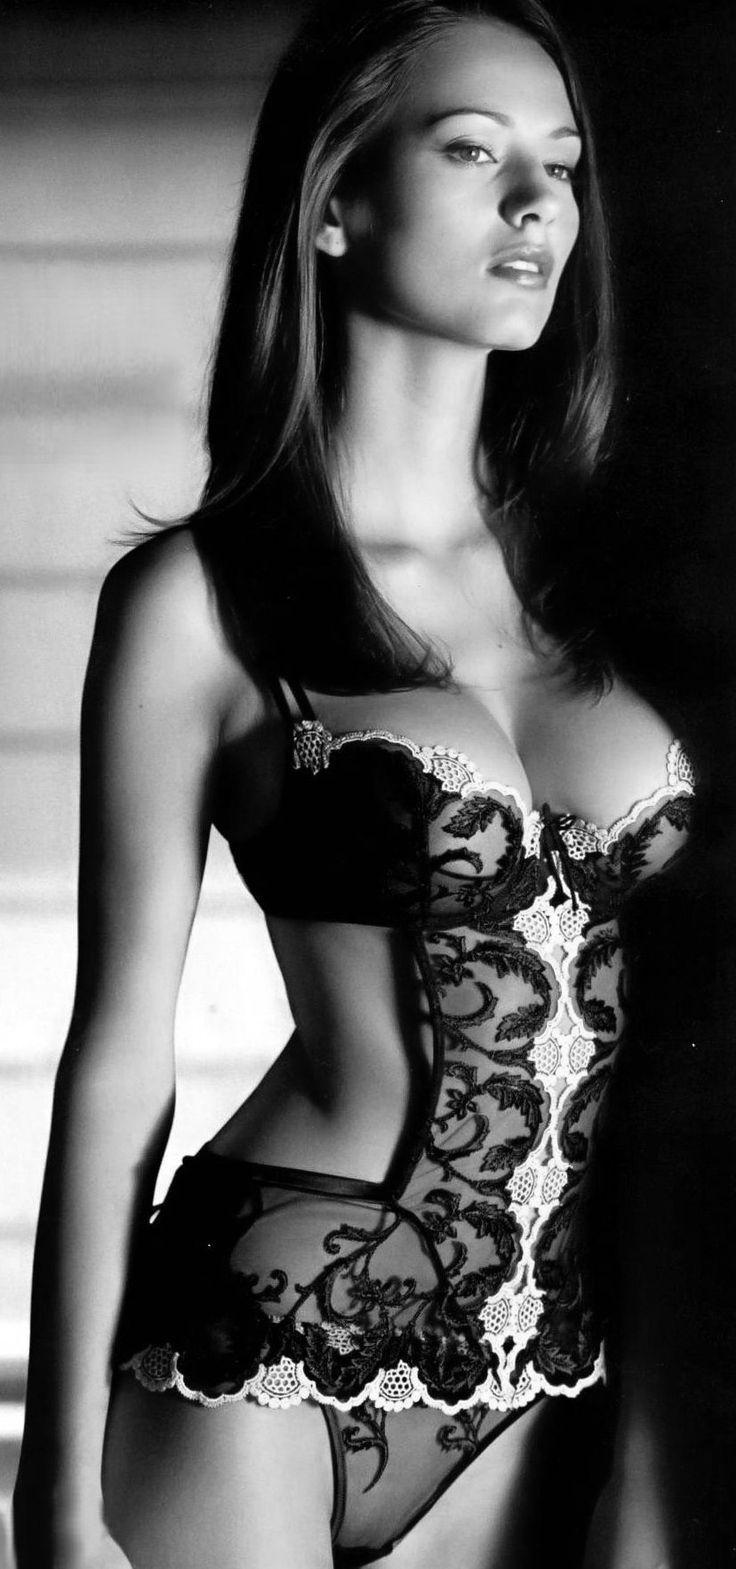 Фото сексуально красивых девушек в нижнем белье 12 фотография